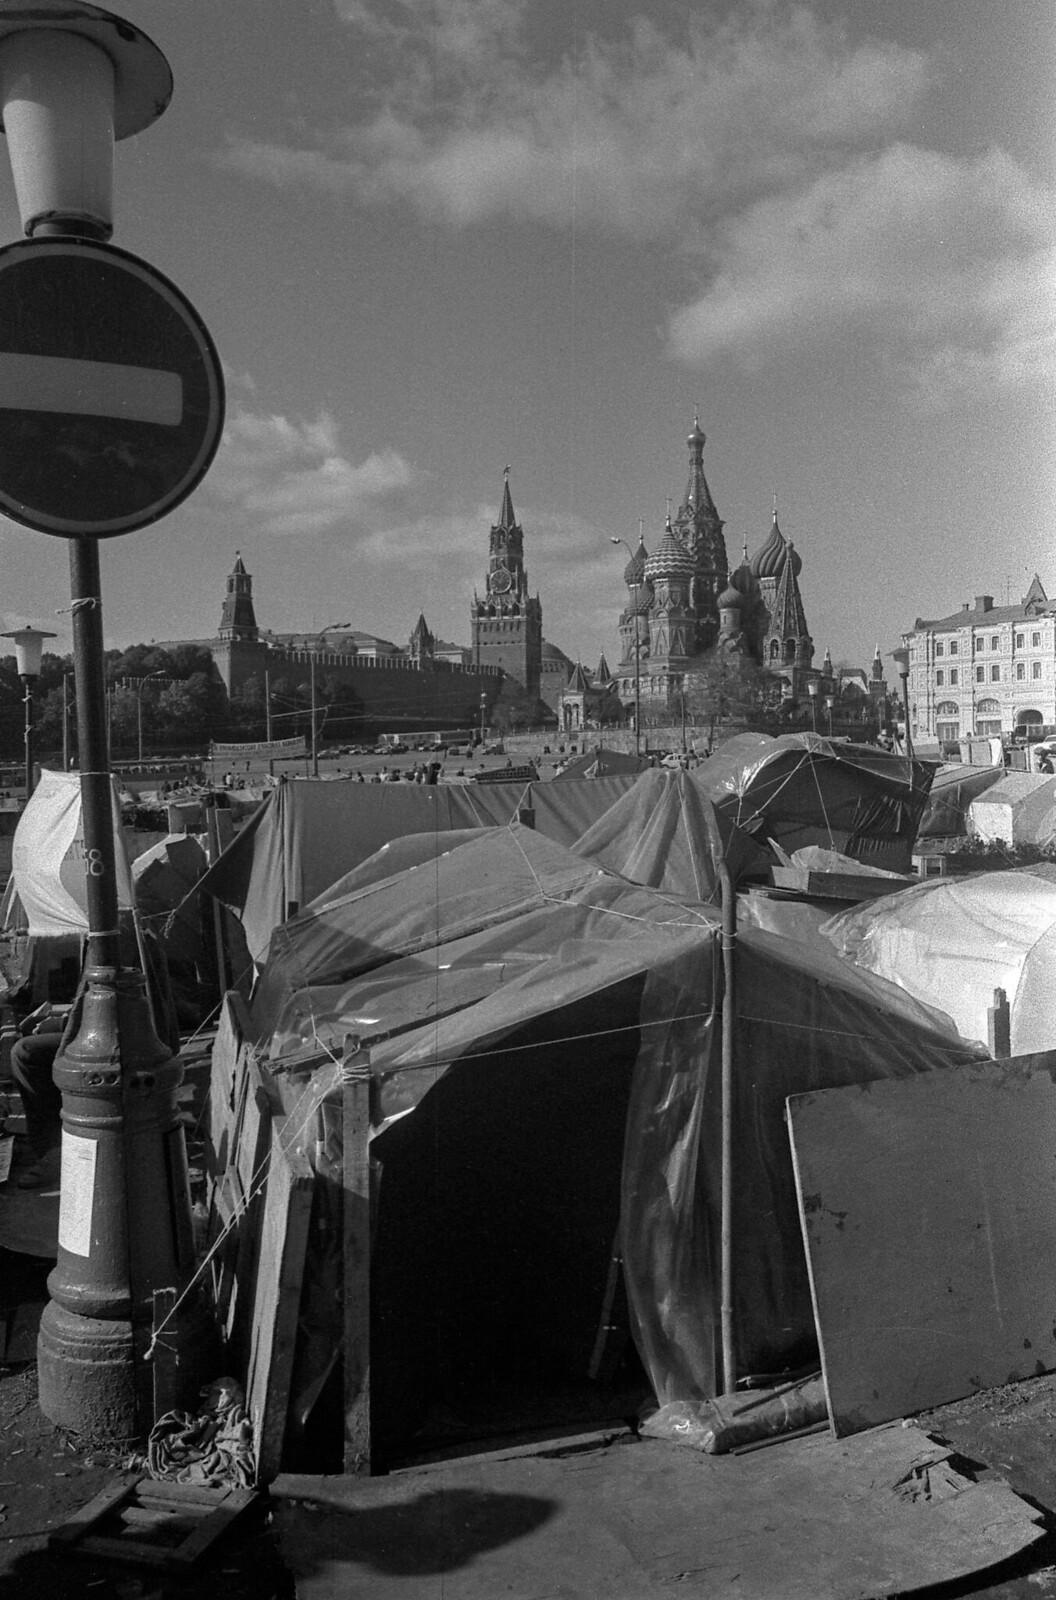 1989. Васильевский спуск, Палаточный городок (2)